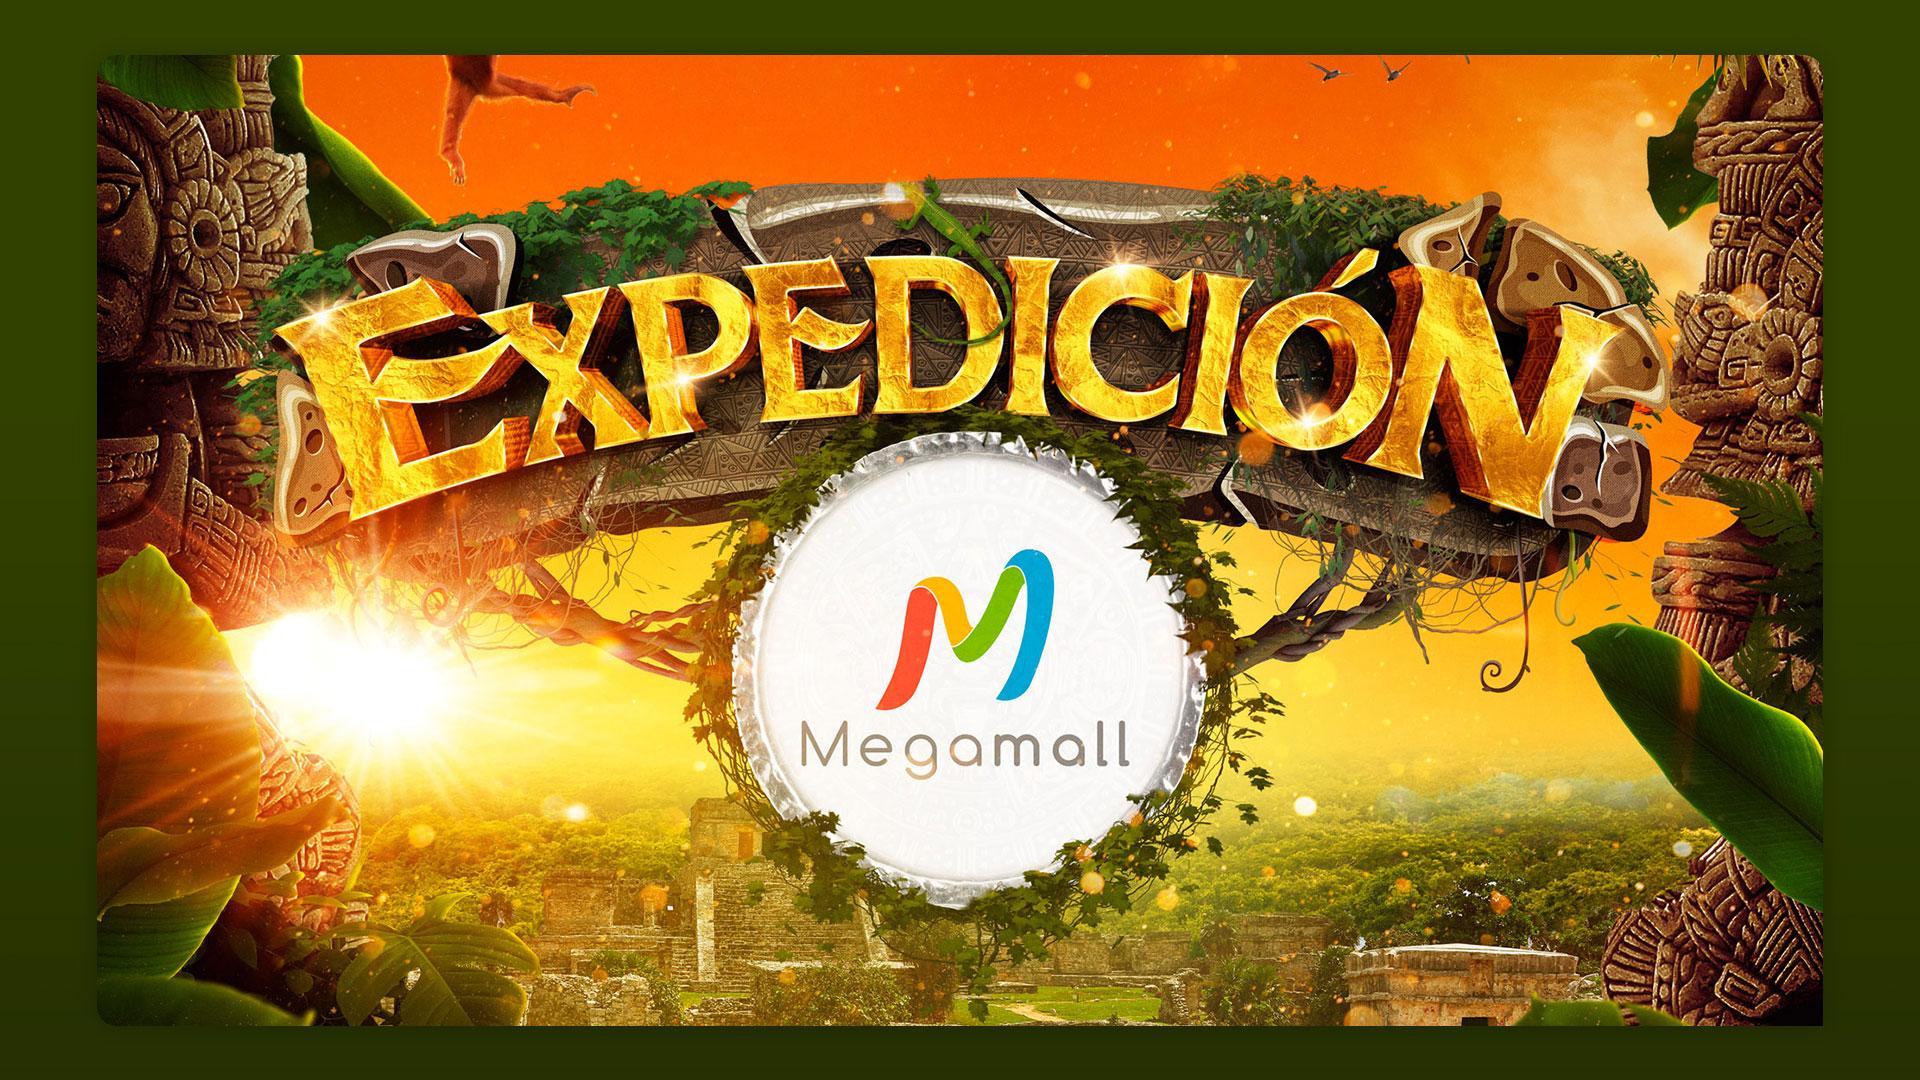 Campaña Expedición Megamall - MAD Agencia